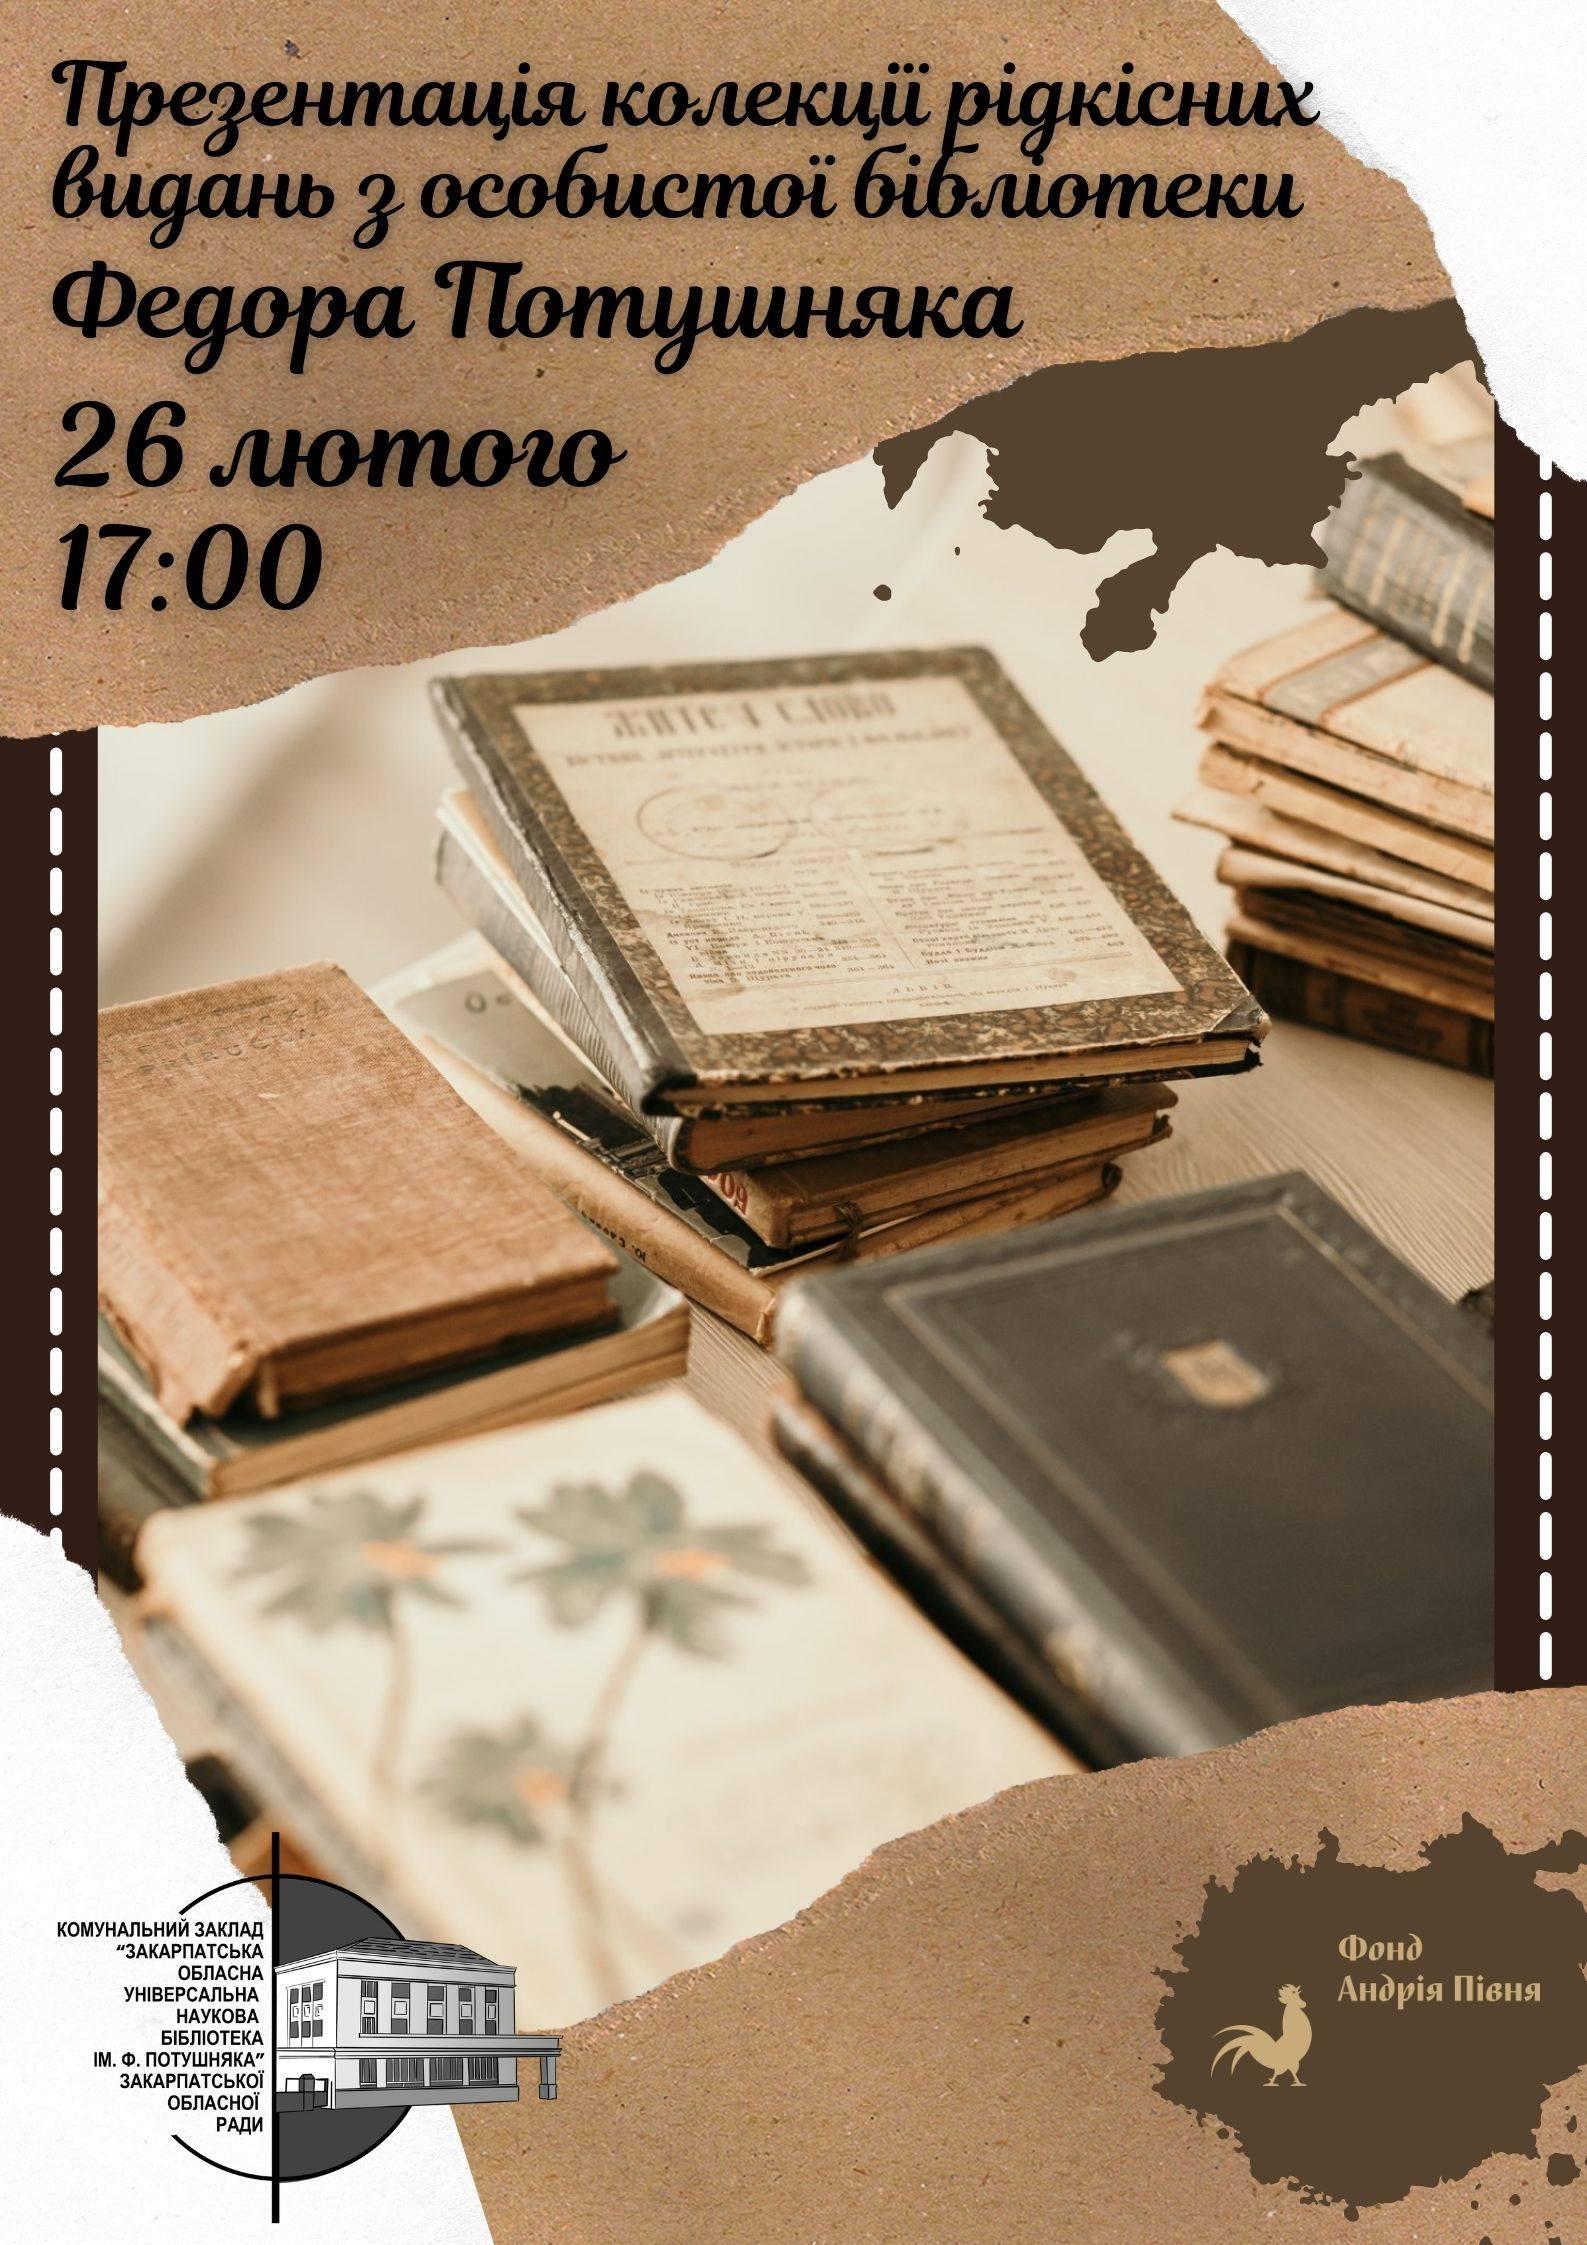 Ужгородців запрошують на презентацію колекції цінних і рідкісних видань з особистої бібліотеки Федора Потушняка.